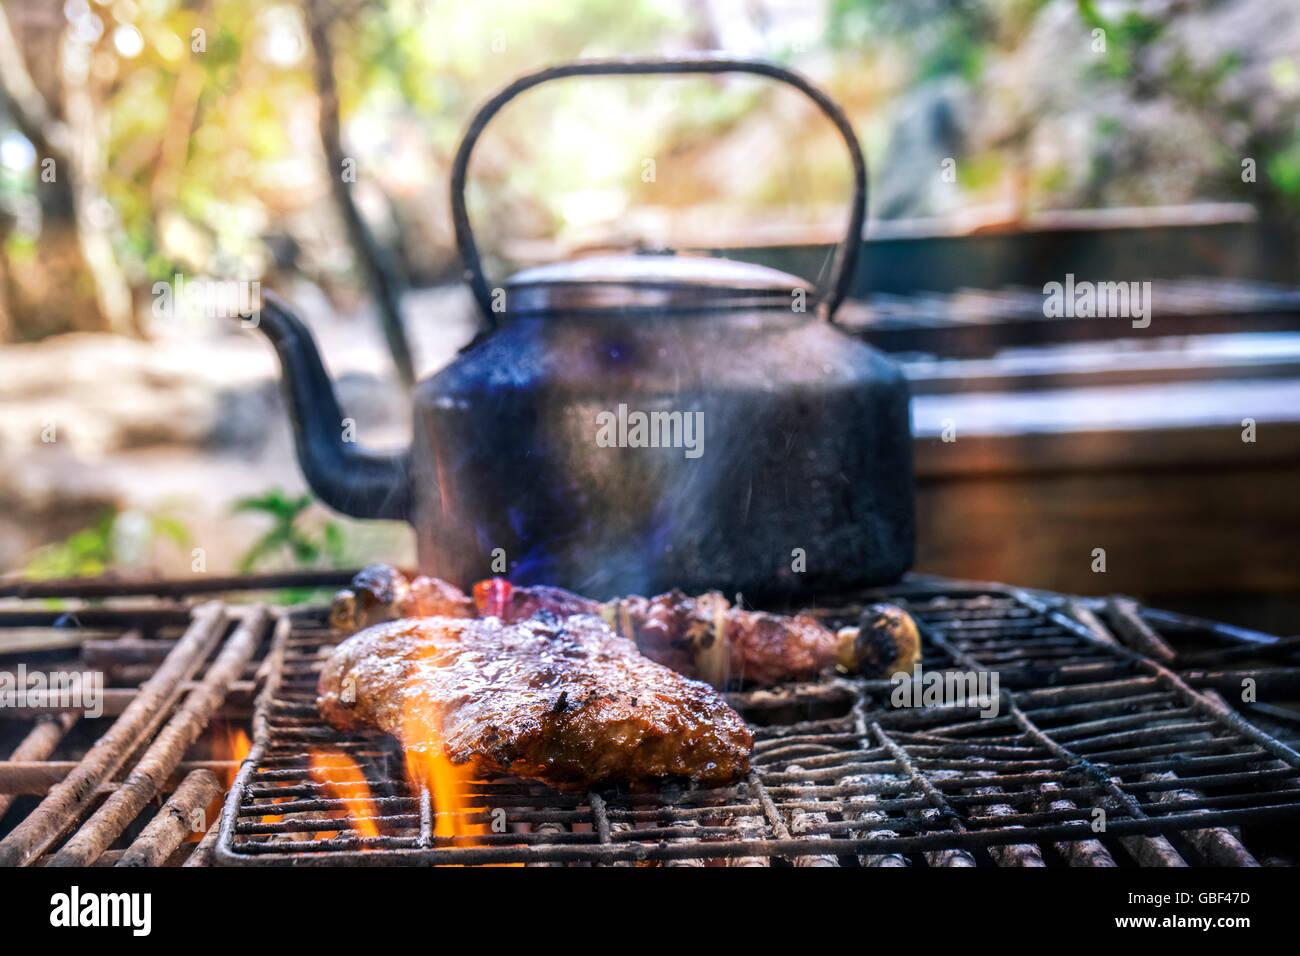 Spareribs På Gasgrill : Südafrikanische grill outdoor küche mit spareribs und fleisch